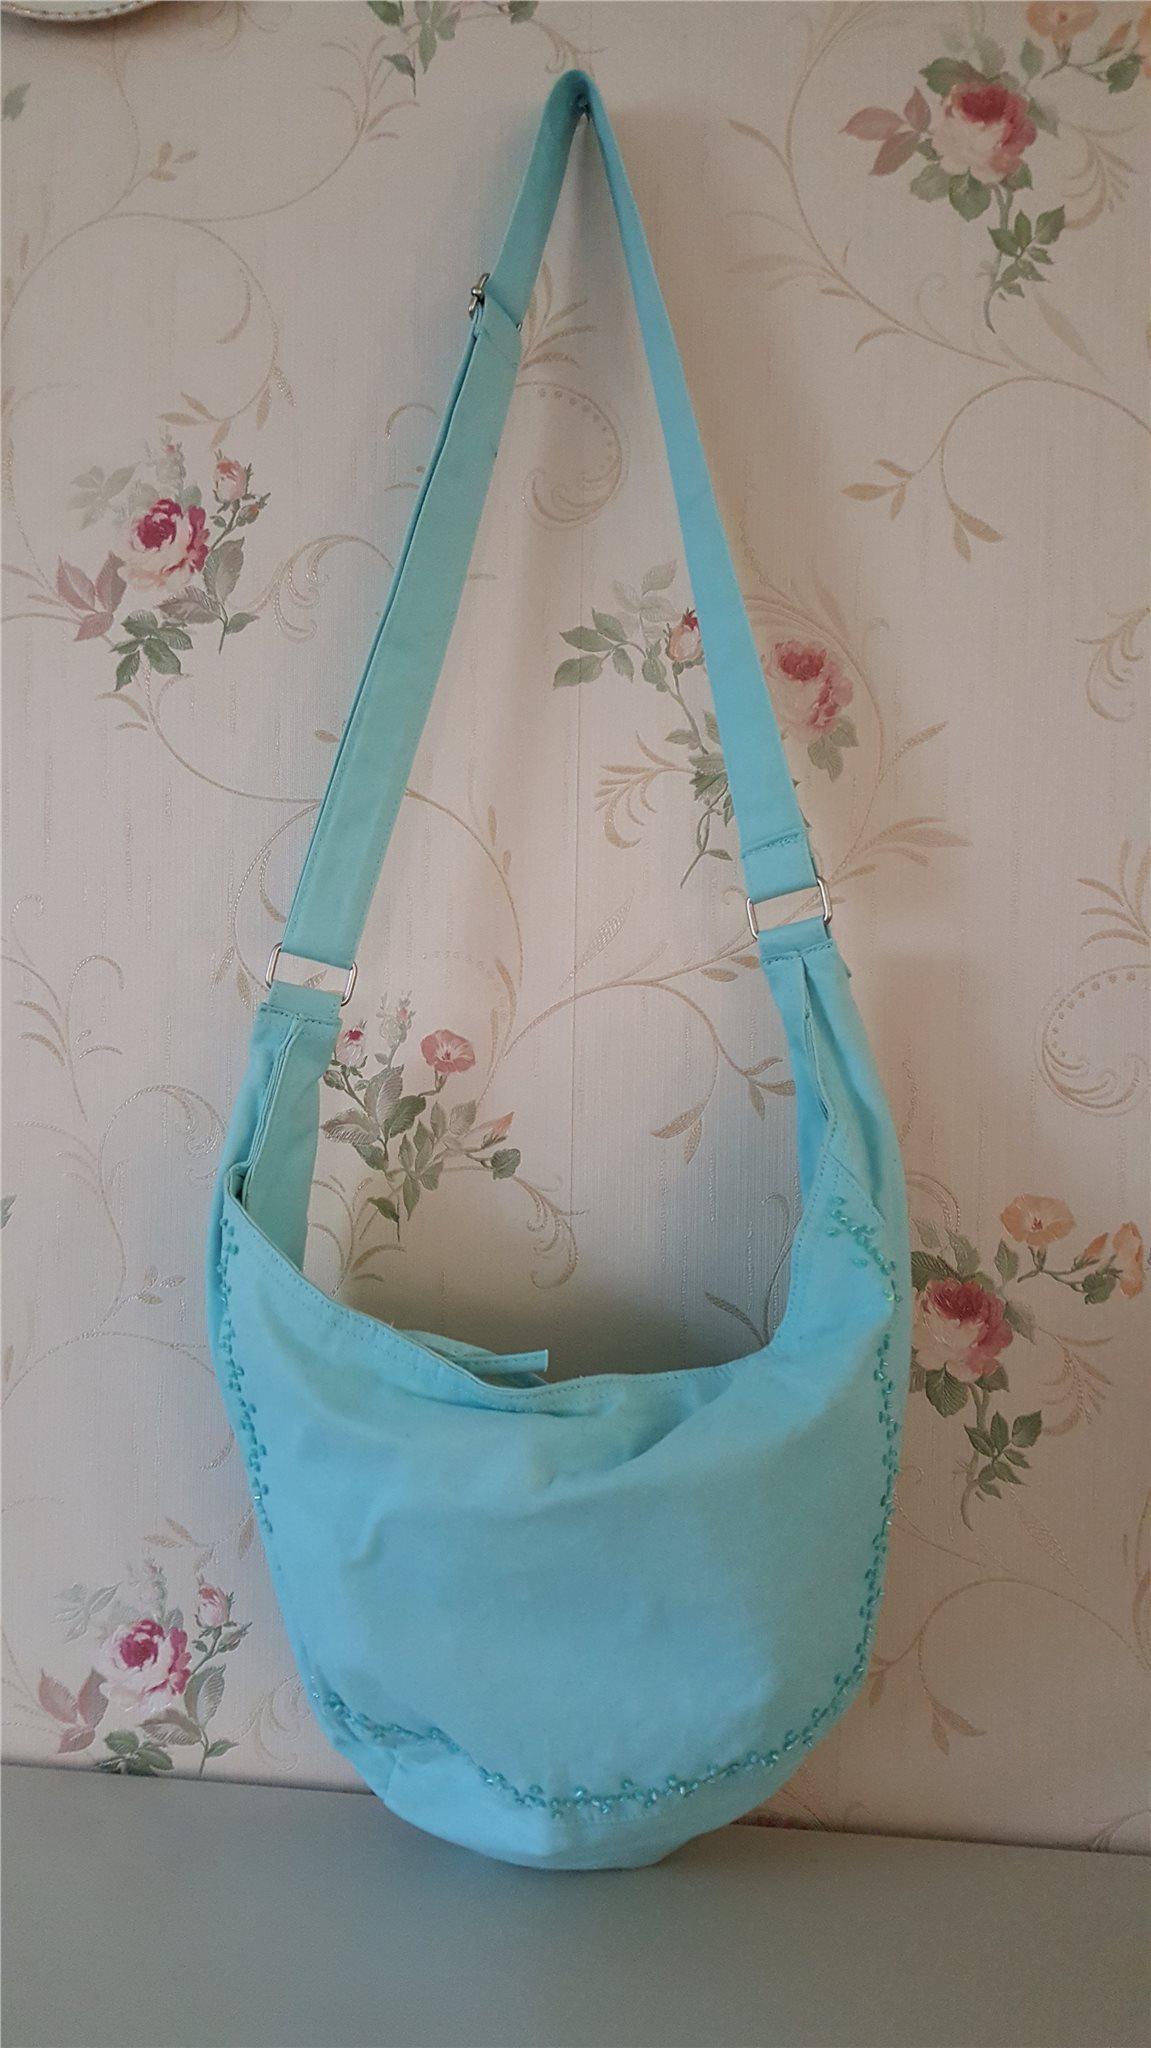 Snygg turkos sommar väska. (316267512) ᐈ Köp på Tradera.com a22e9bab94f8a